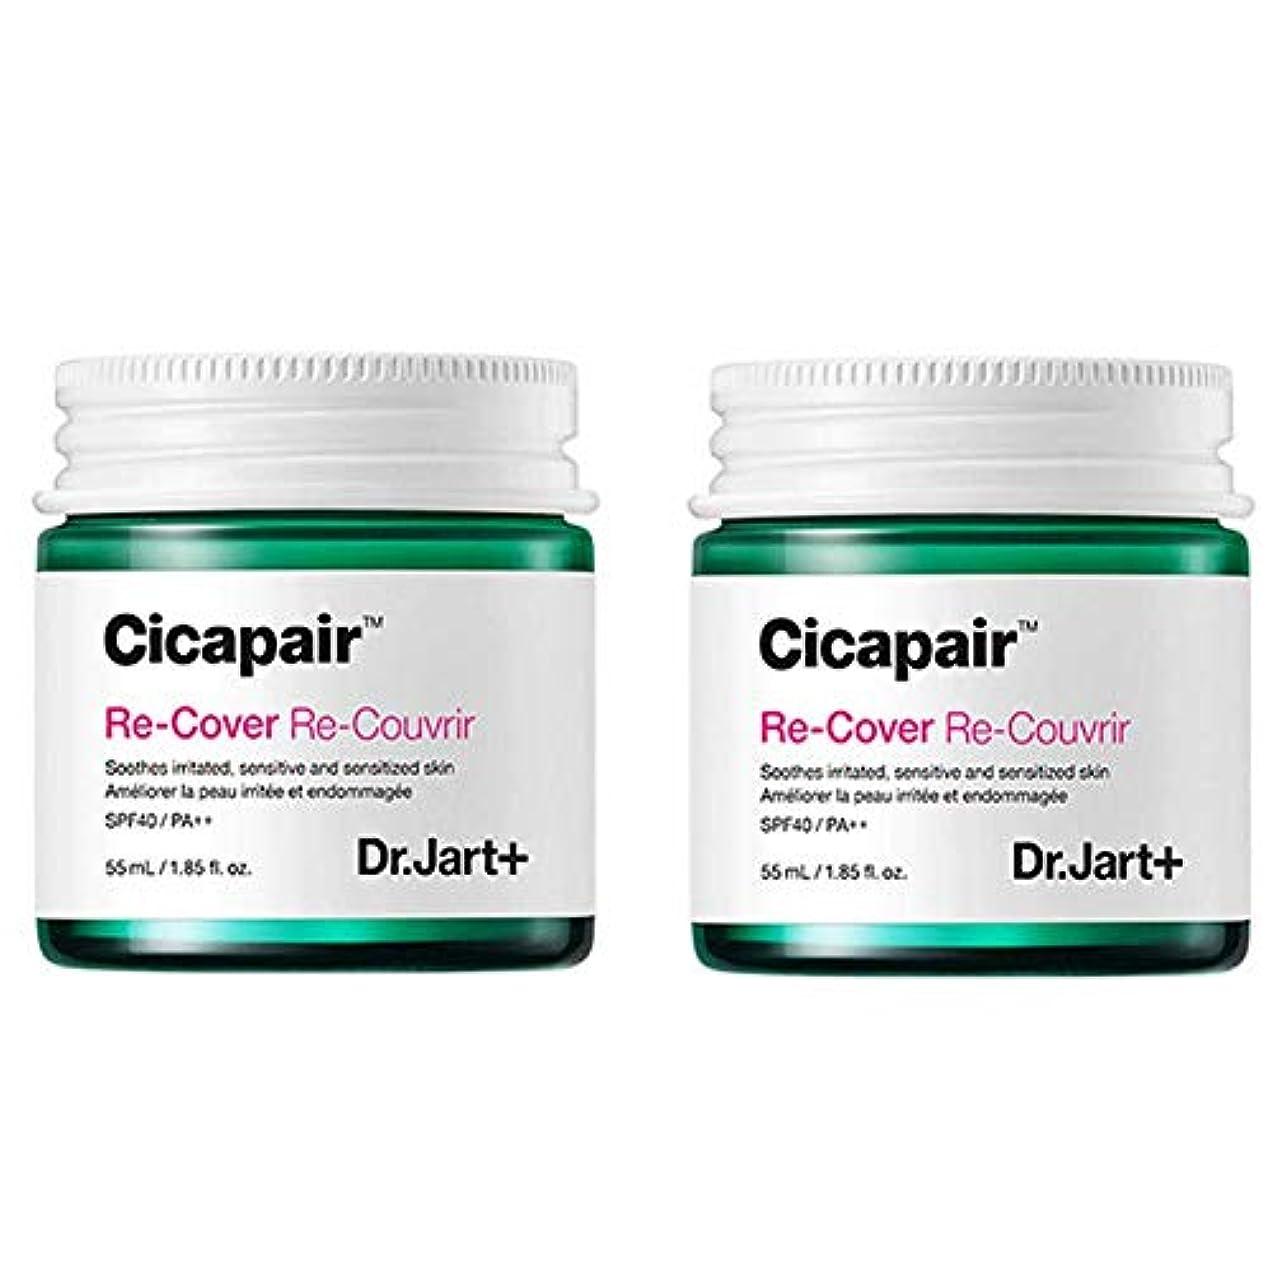 意見天文学幻影Dr.Jart+ Cicapair ReCover X 2 ドクタージャルトシカペアリカバー X 2 (2代目)皮膚回復 紫外線カット 黄砂ケア [並行輸入品]